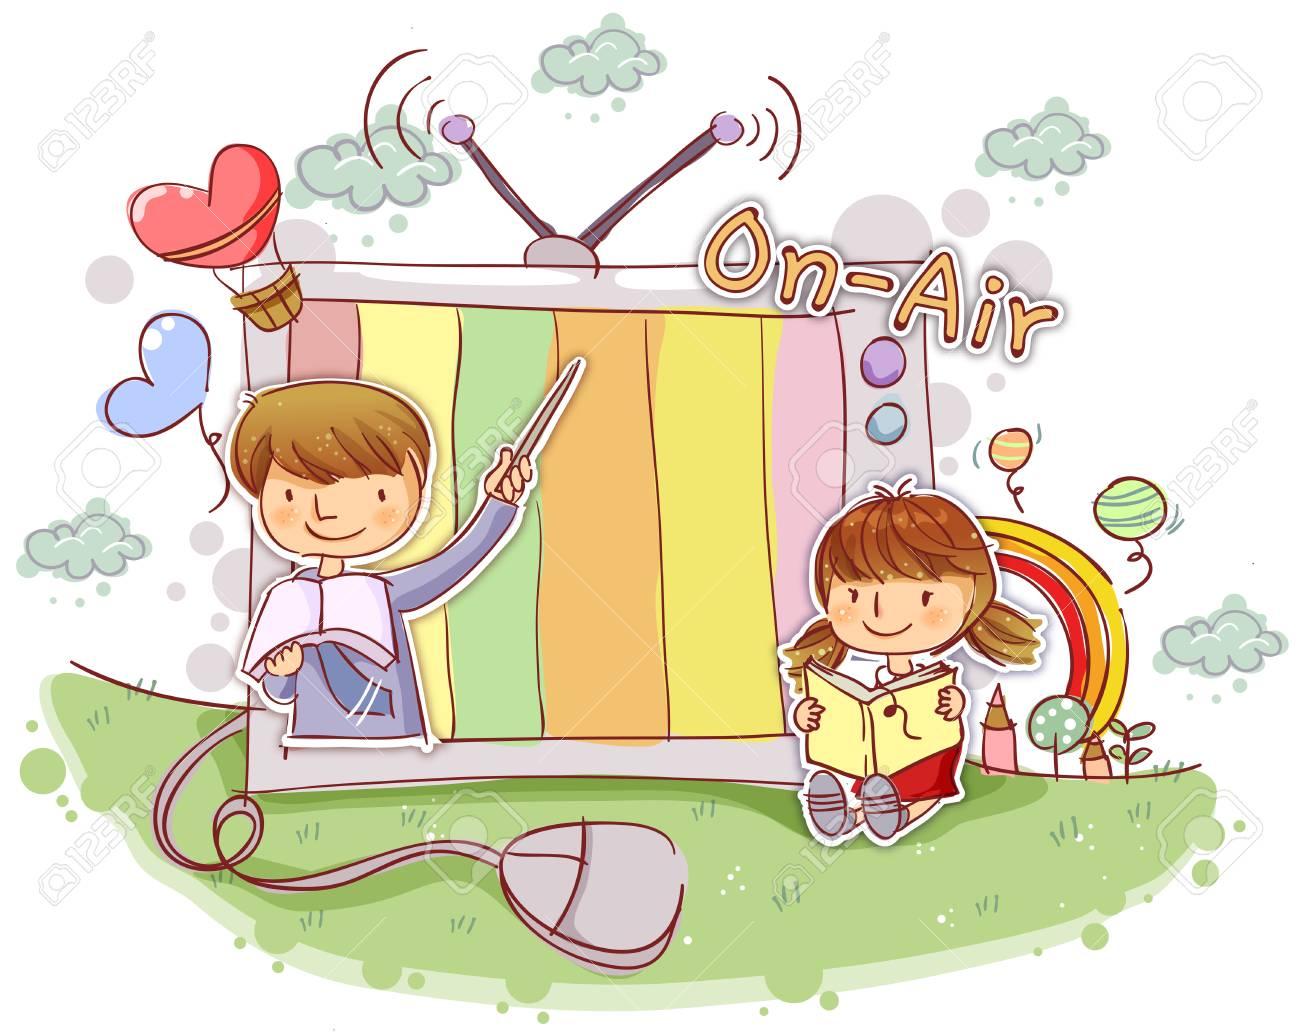 教育学校生活イラスト の写真素材画像素材 Image 72443838